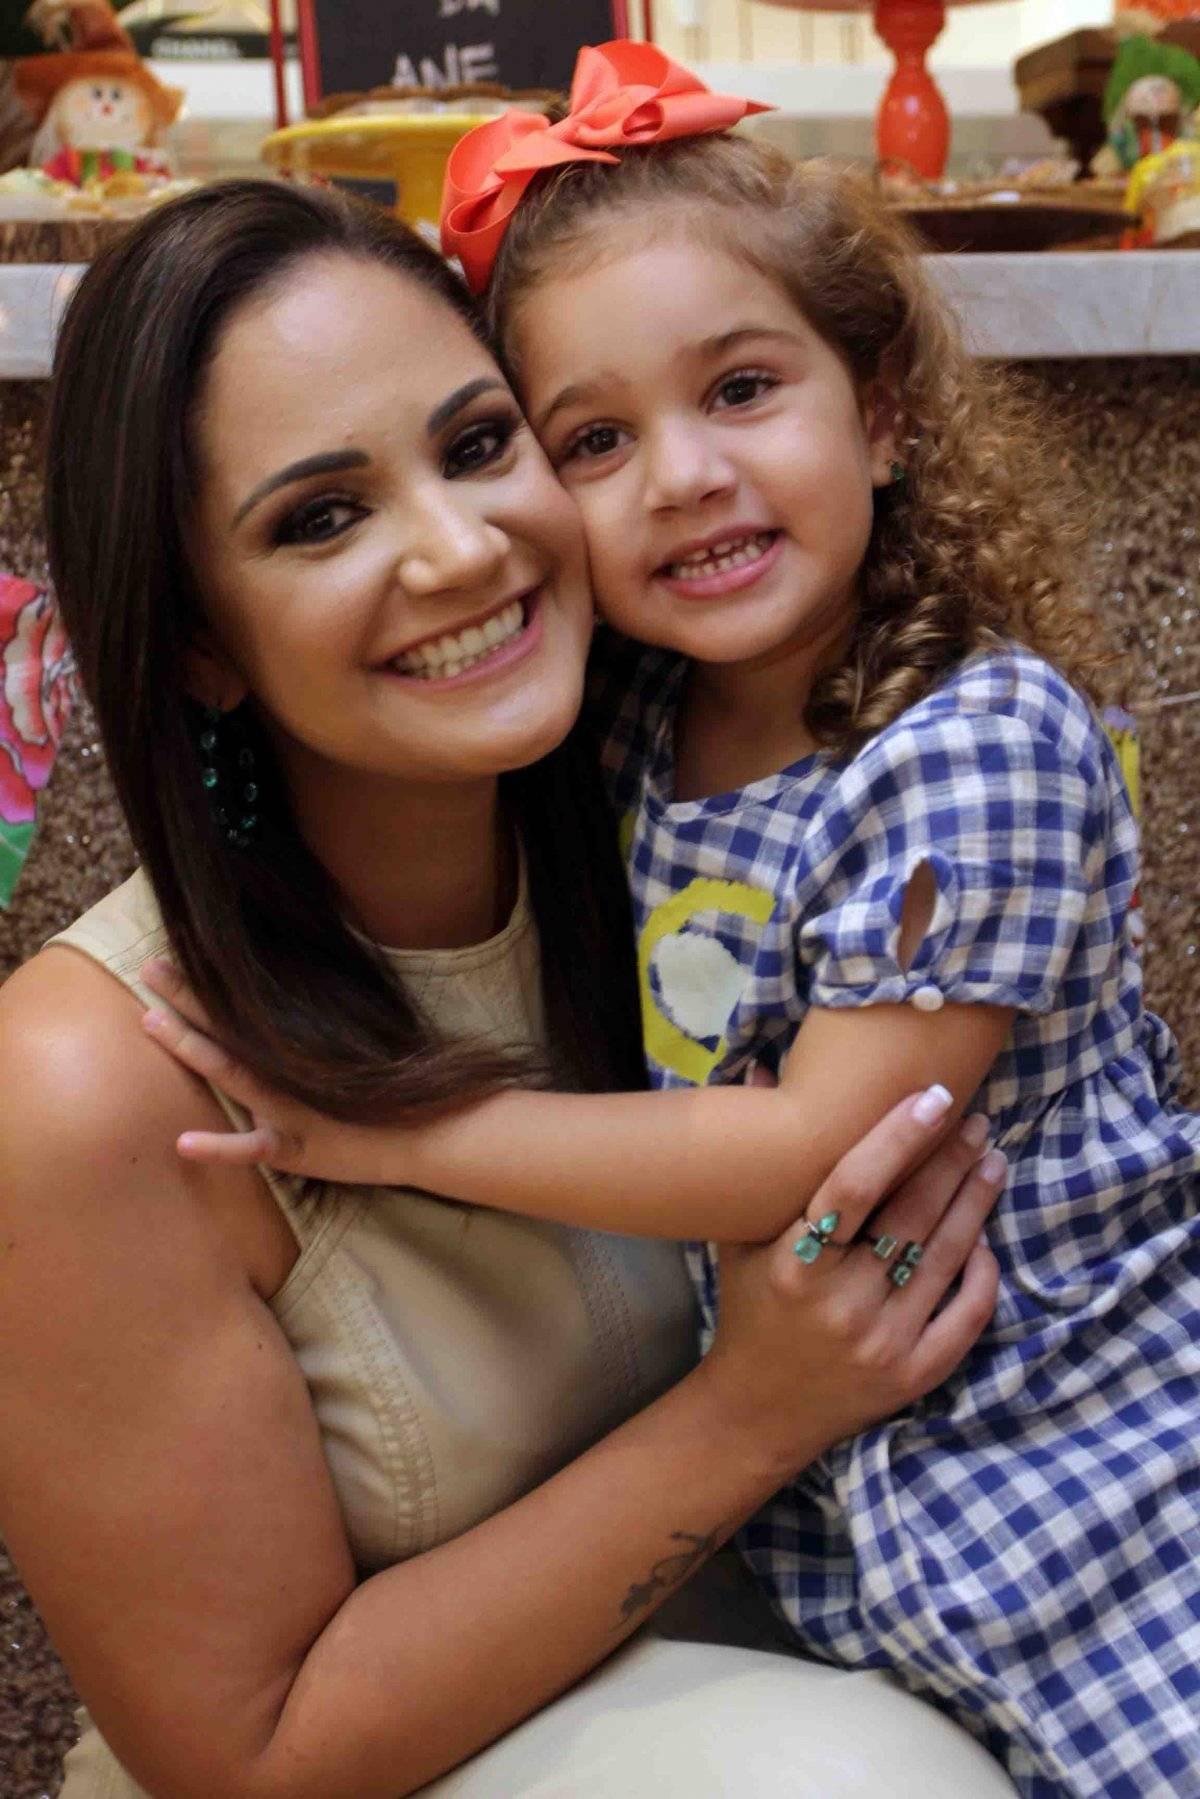 Fofura da mãe Ane Zorzanelli com a pequena Elis / José Augusto Tovar